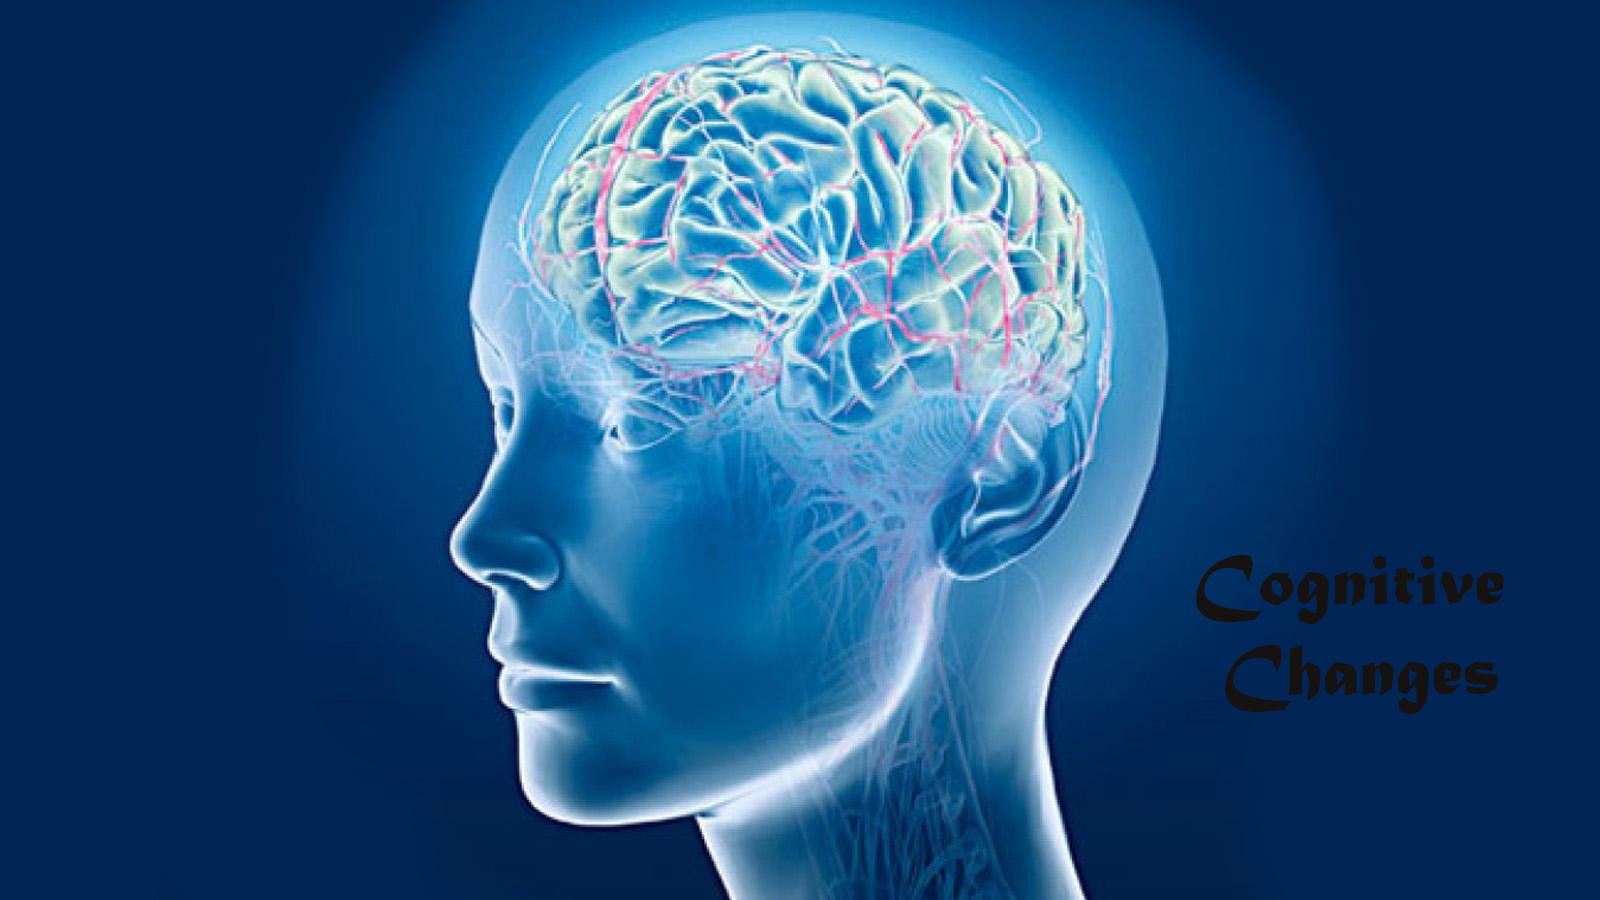 Cognitive Changes